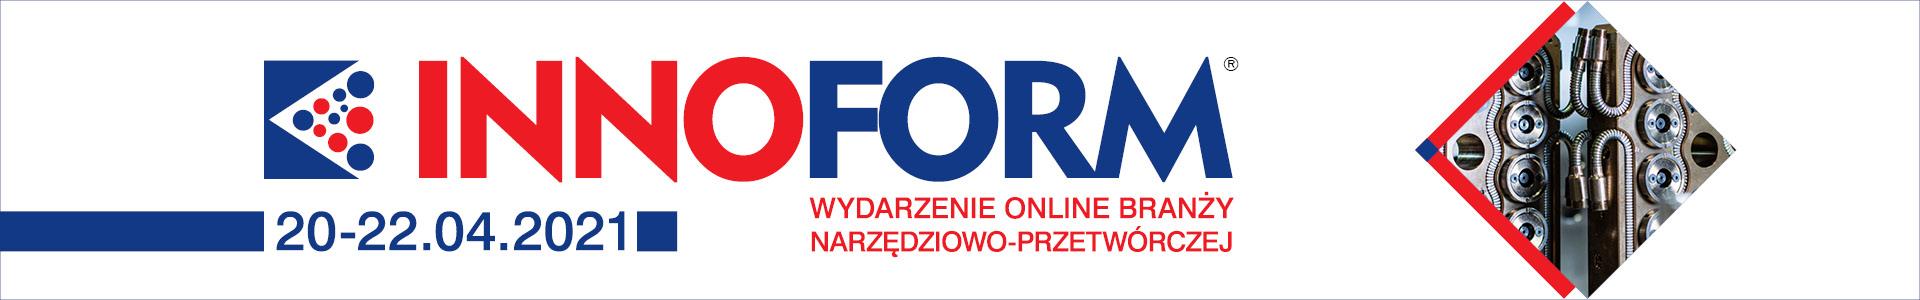 Innoform- wydarzenienie online branży narzędziowo-przetwórczej 20-22.04.2021